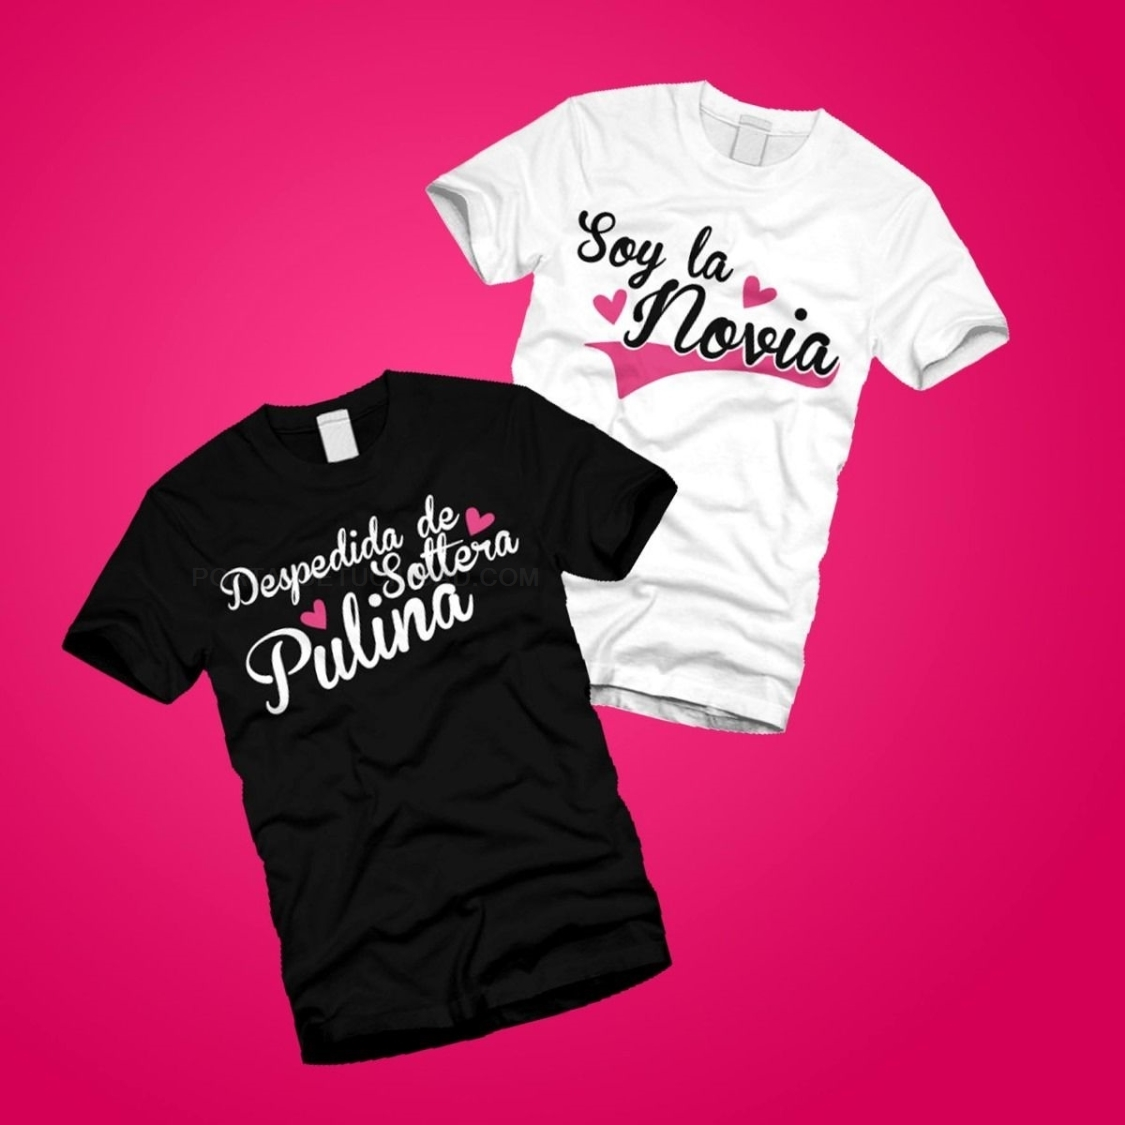 Camisetas despedidas de solteros y solteras